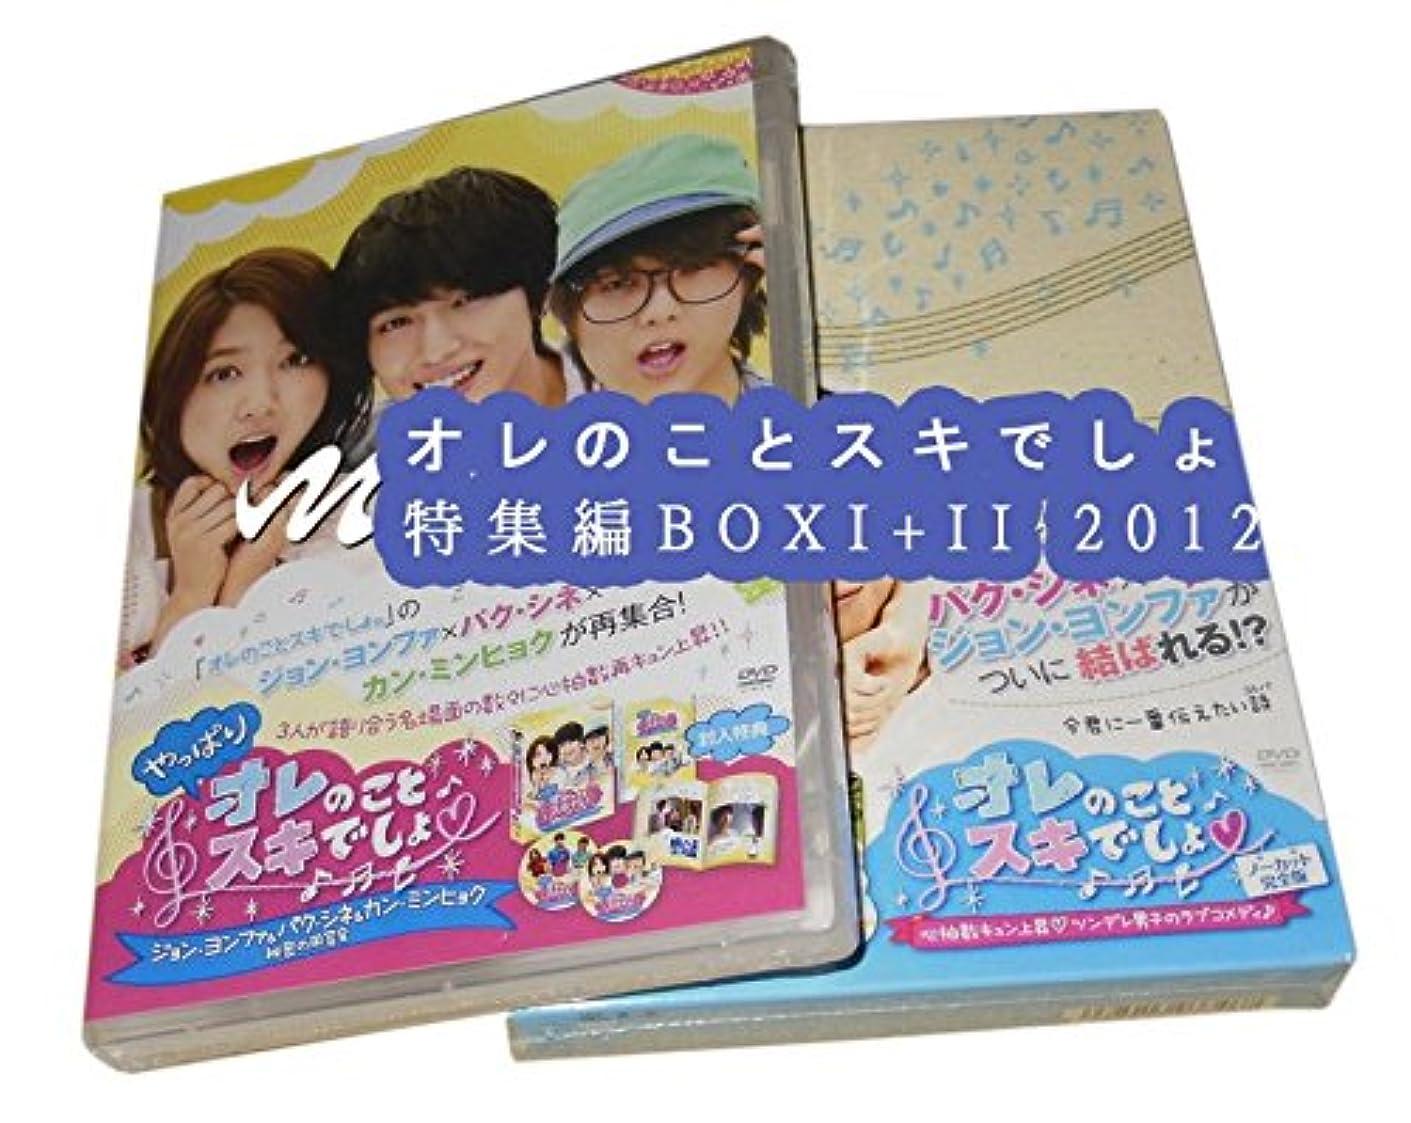 通路軽くメジャーオレのことスキでしょ。 特集編 BOXI+II 2012